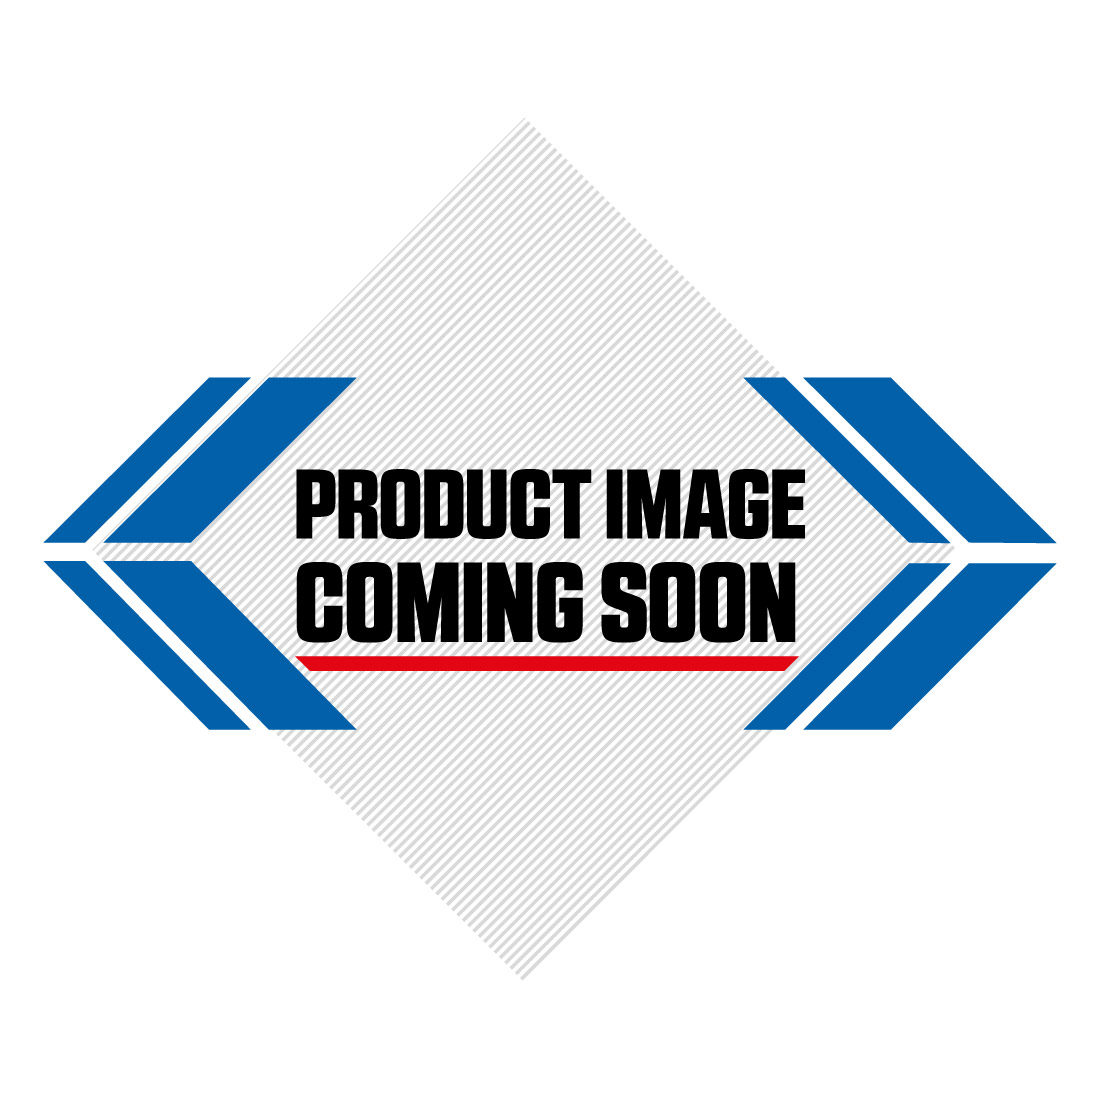 Husqvarna Plastic Kit OEM Factory Image-4